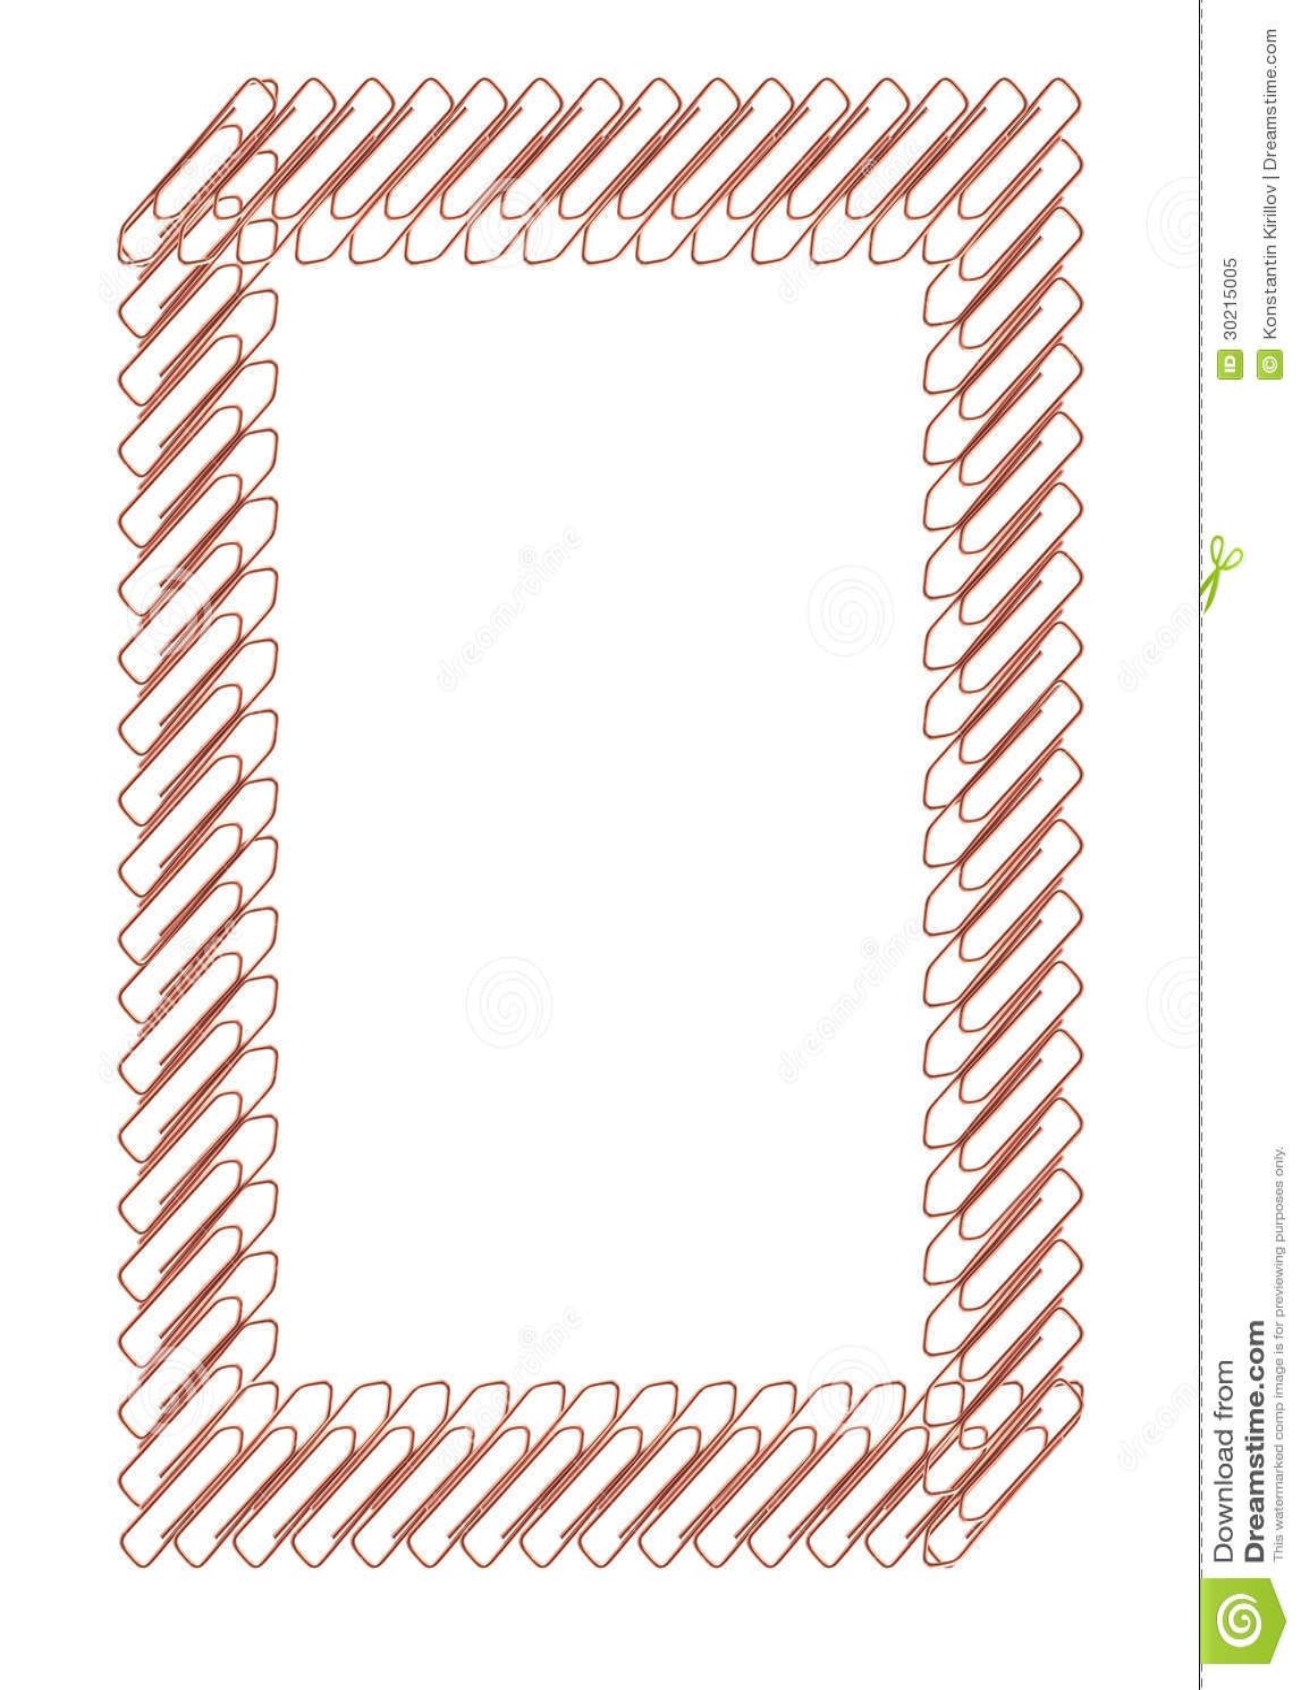 Büroklammer-Rahmen stockbild. Bild von abbildung, hilfsmittel - 30215005